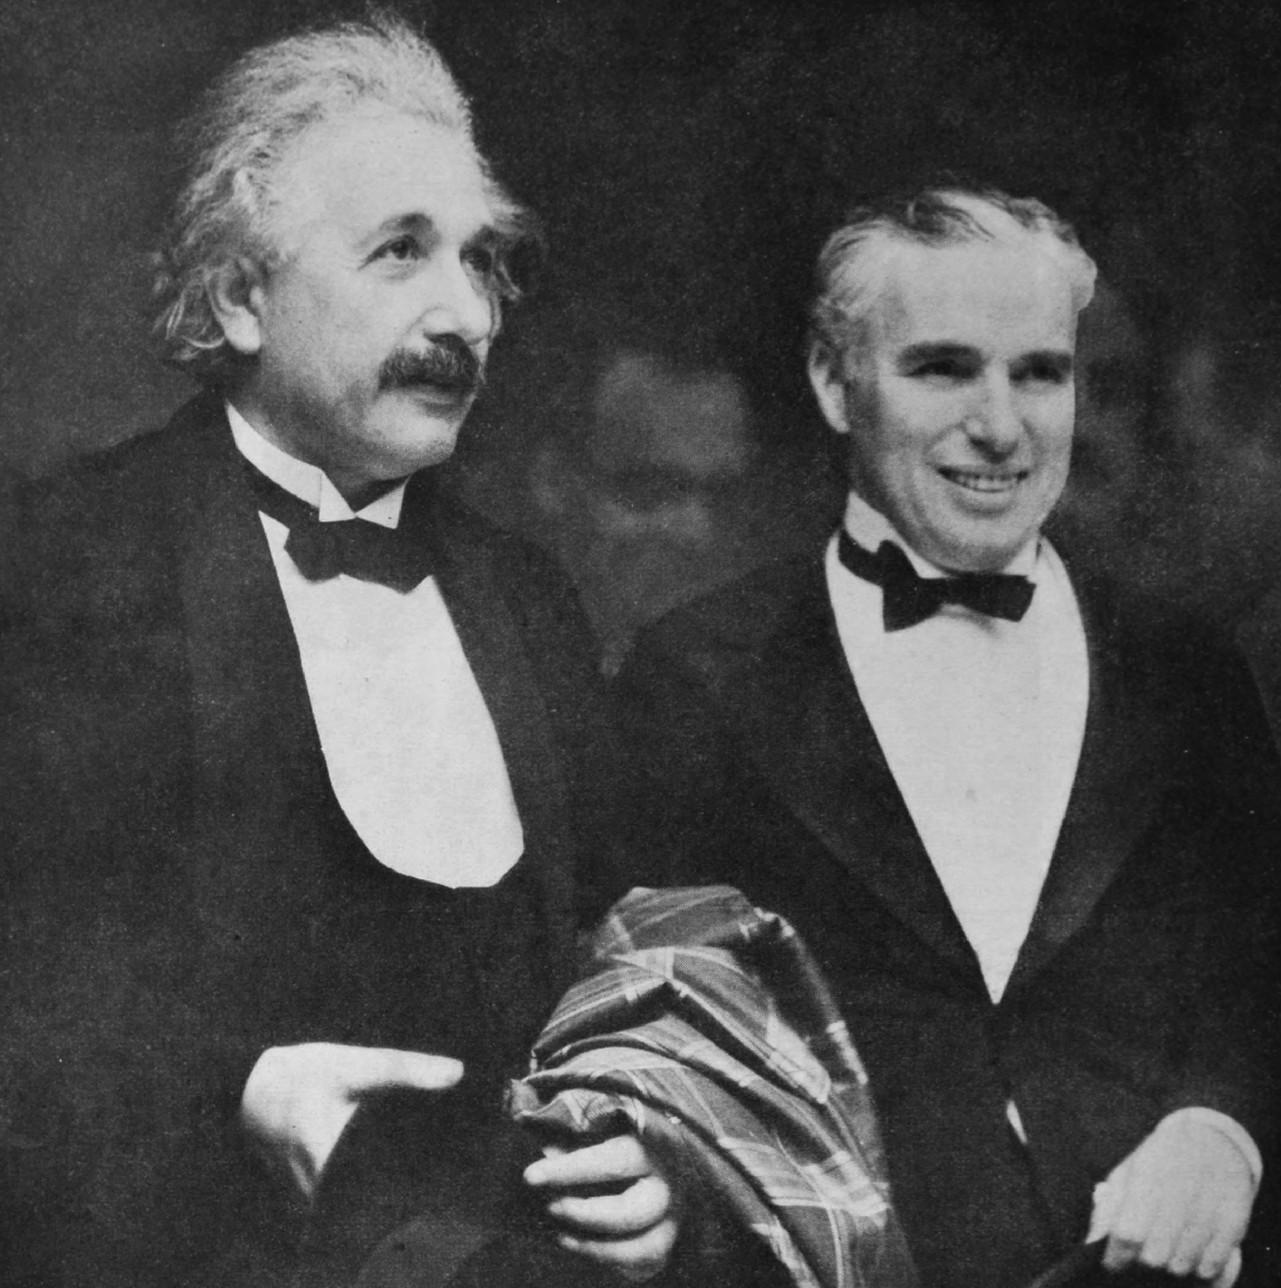 Albert_Einstein_and_Charlie_Chaplin_City_Lights_premiere_1931.jpg (1281×1288)